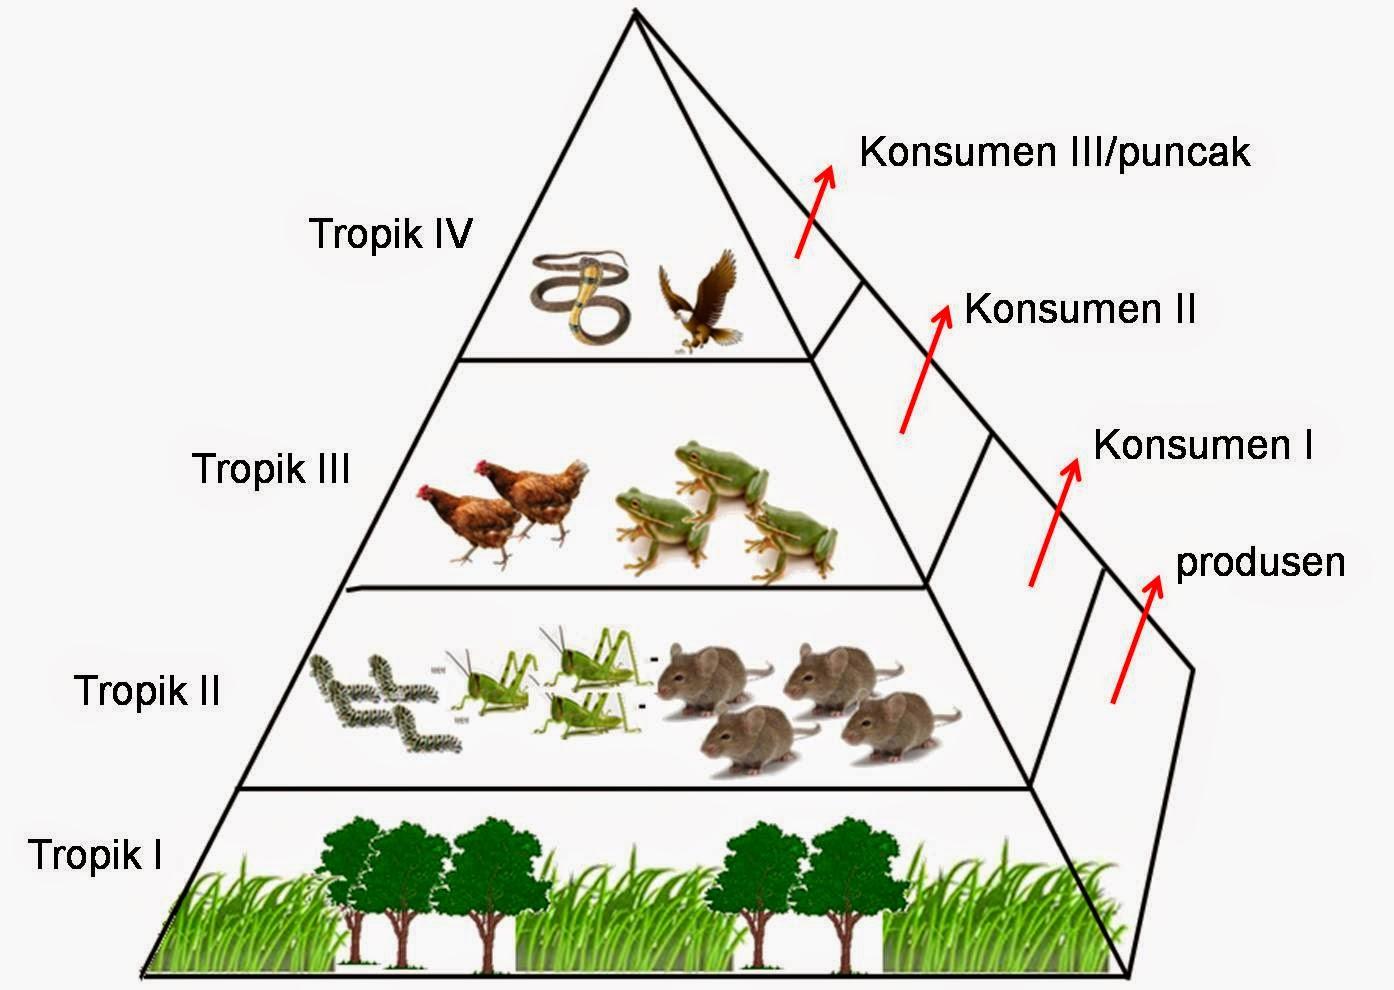 TripleT: Laporan Pengamatan Ekosistem Kebun